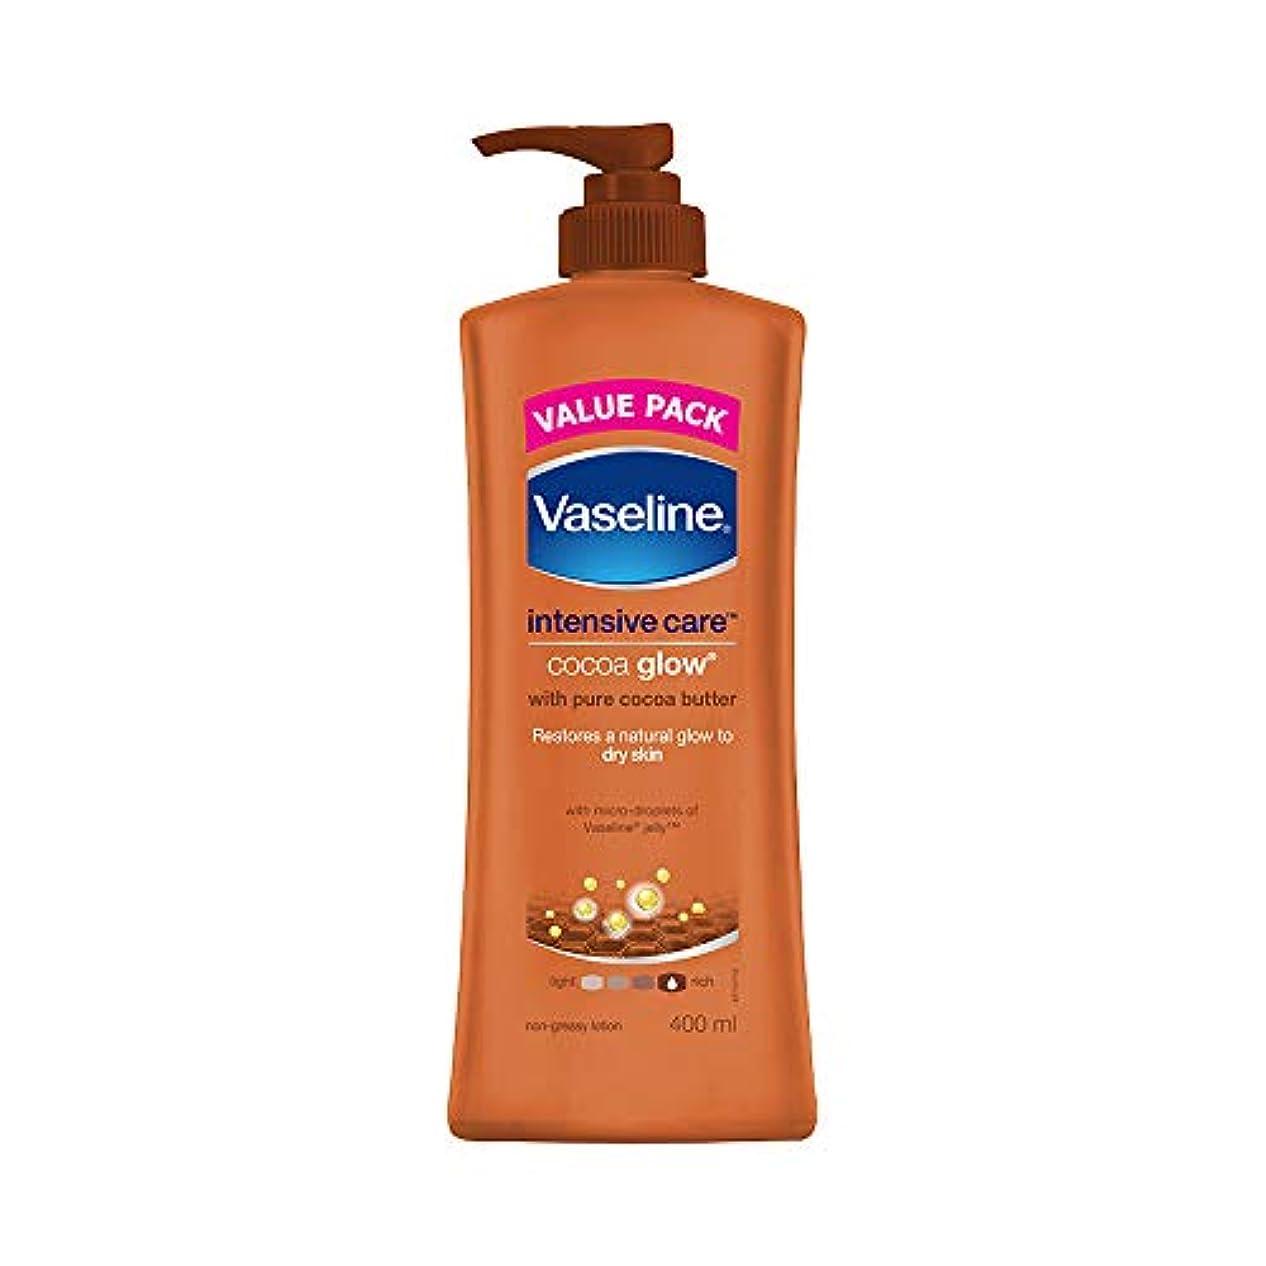 メロディー正確にいたずらなVaseline Intensive Care Cocoa Glow Body Lotion, 400 ml